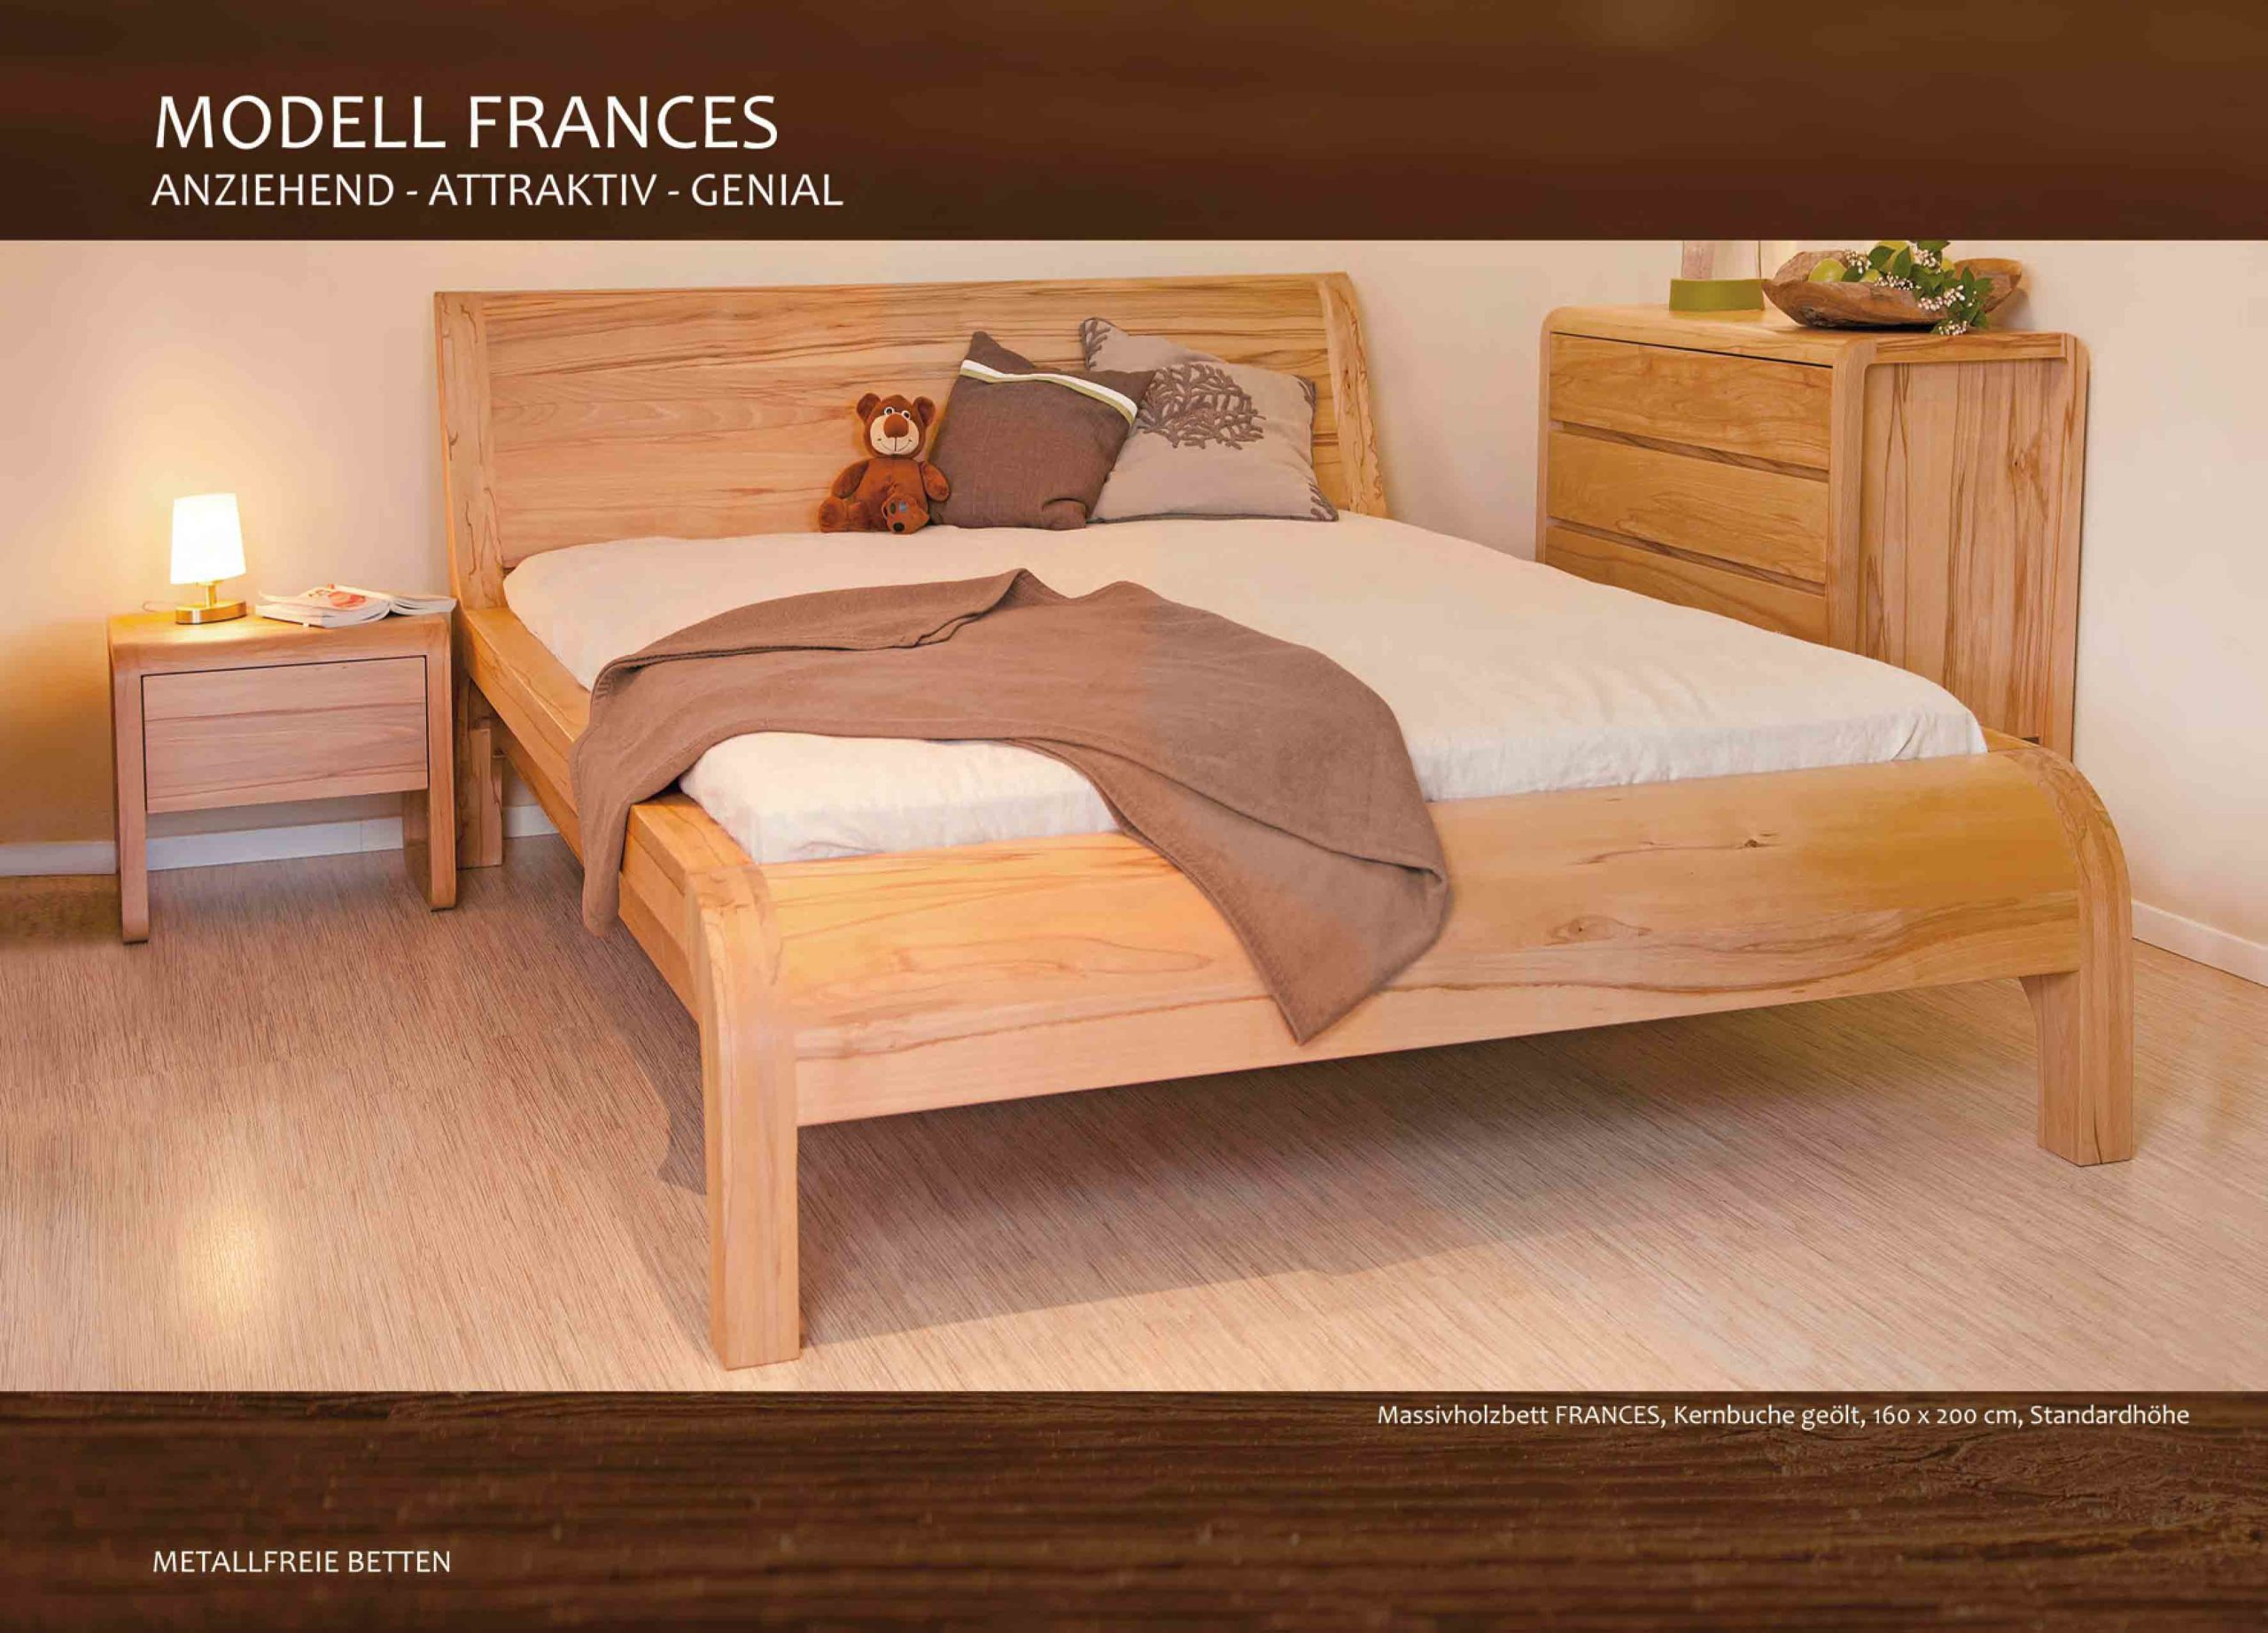 Massivholzbett Frances in Kernbuche